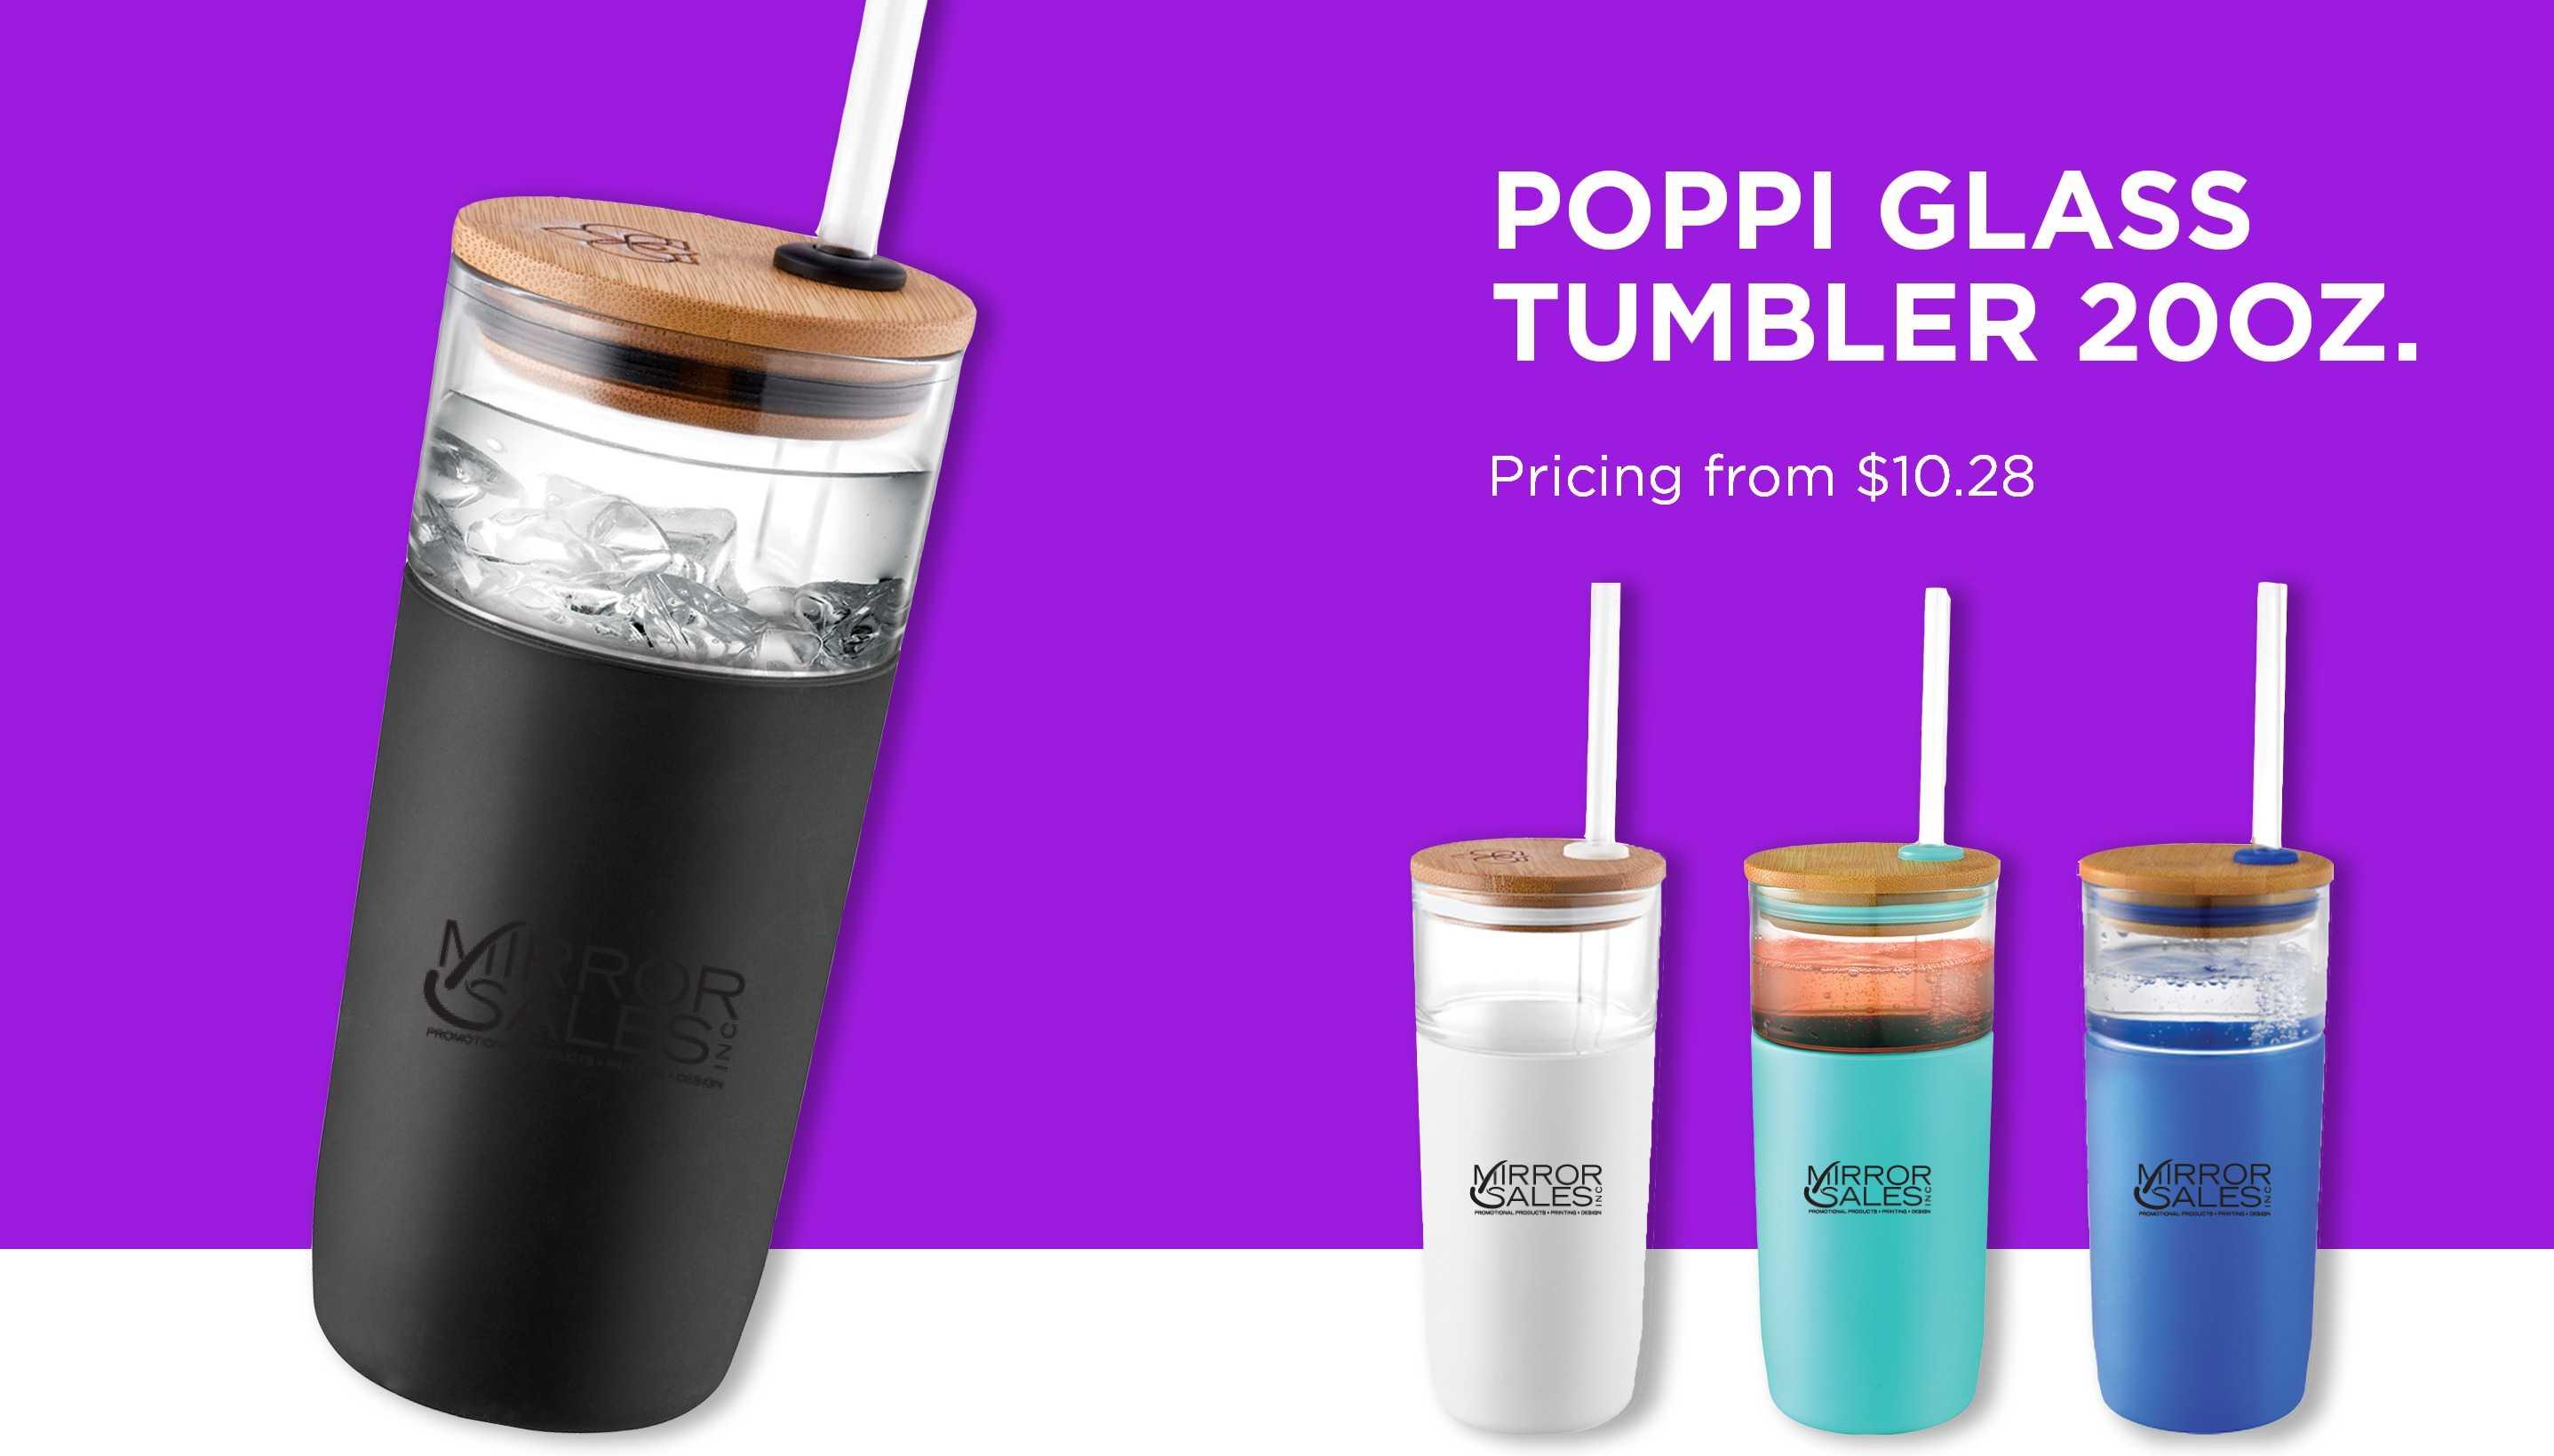 AIM Poppi Glass May 19